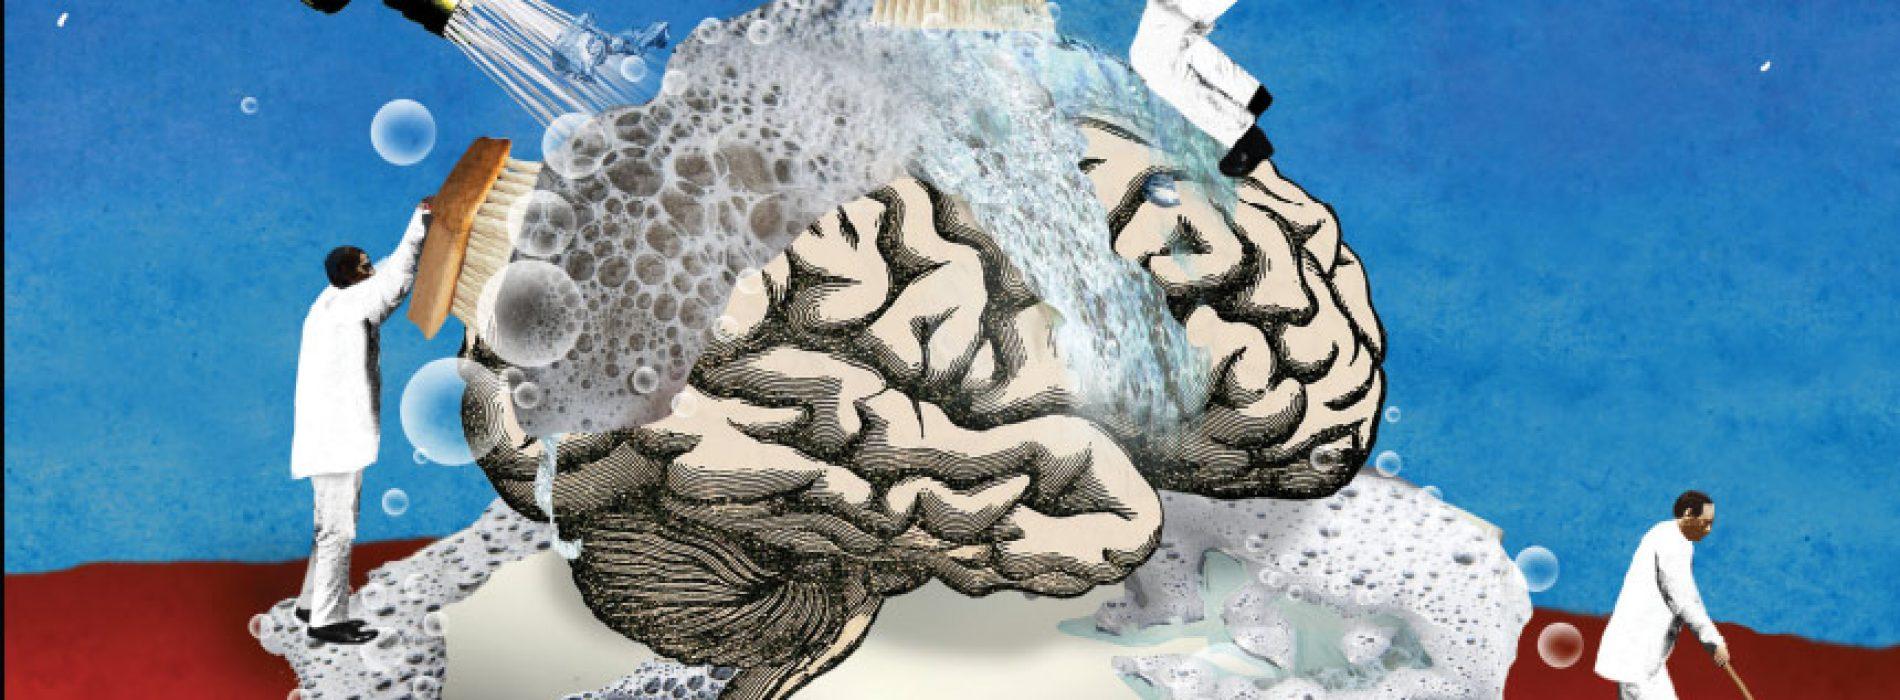 10 dingen die je kunt doen om het ontstaan van de ziekte van Alzheimer te helpen voorkomen